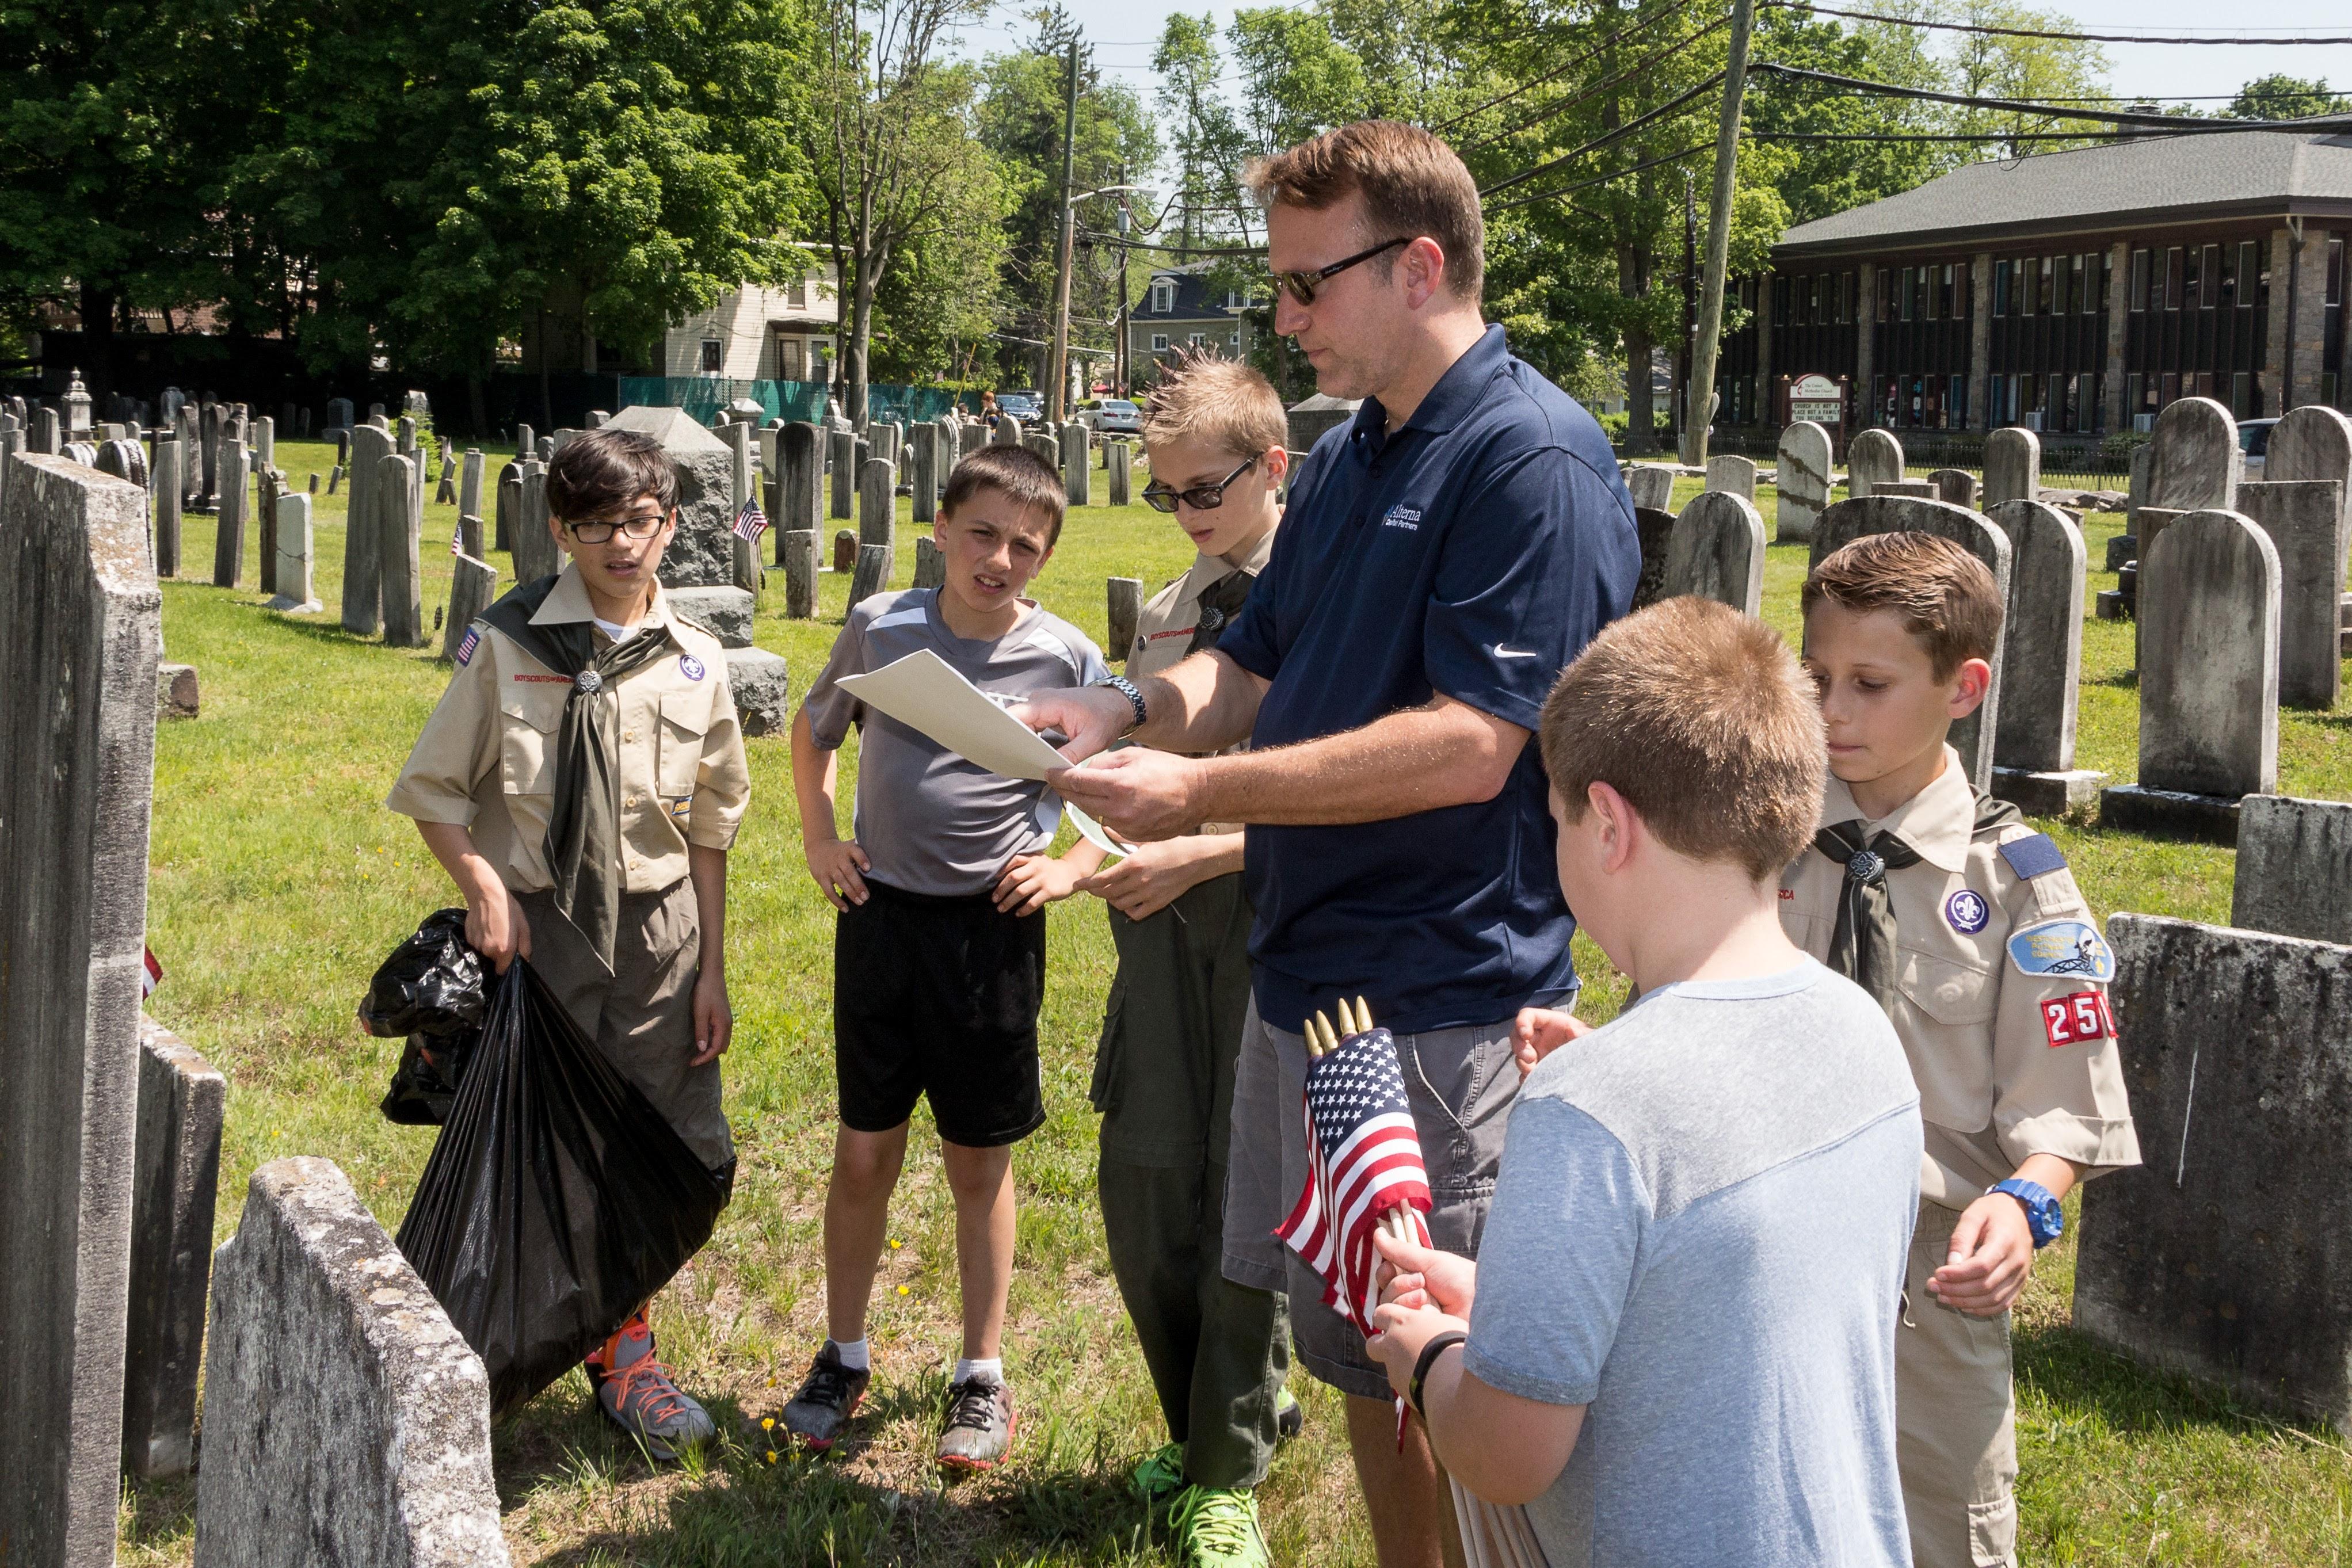 bf67dfc372665da29a1a_20160528_Boy_Scouts_Memorial_Day_Flag_Settng_053.jpg